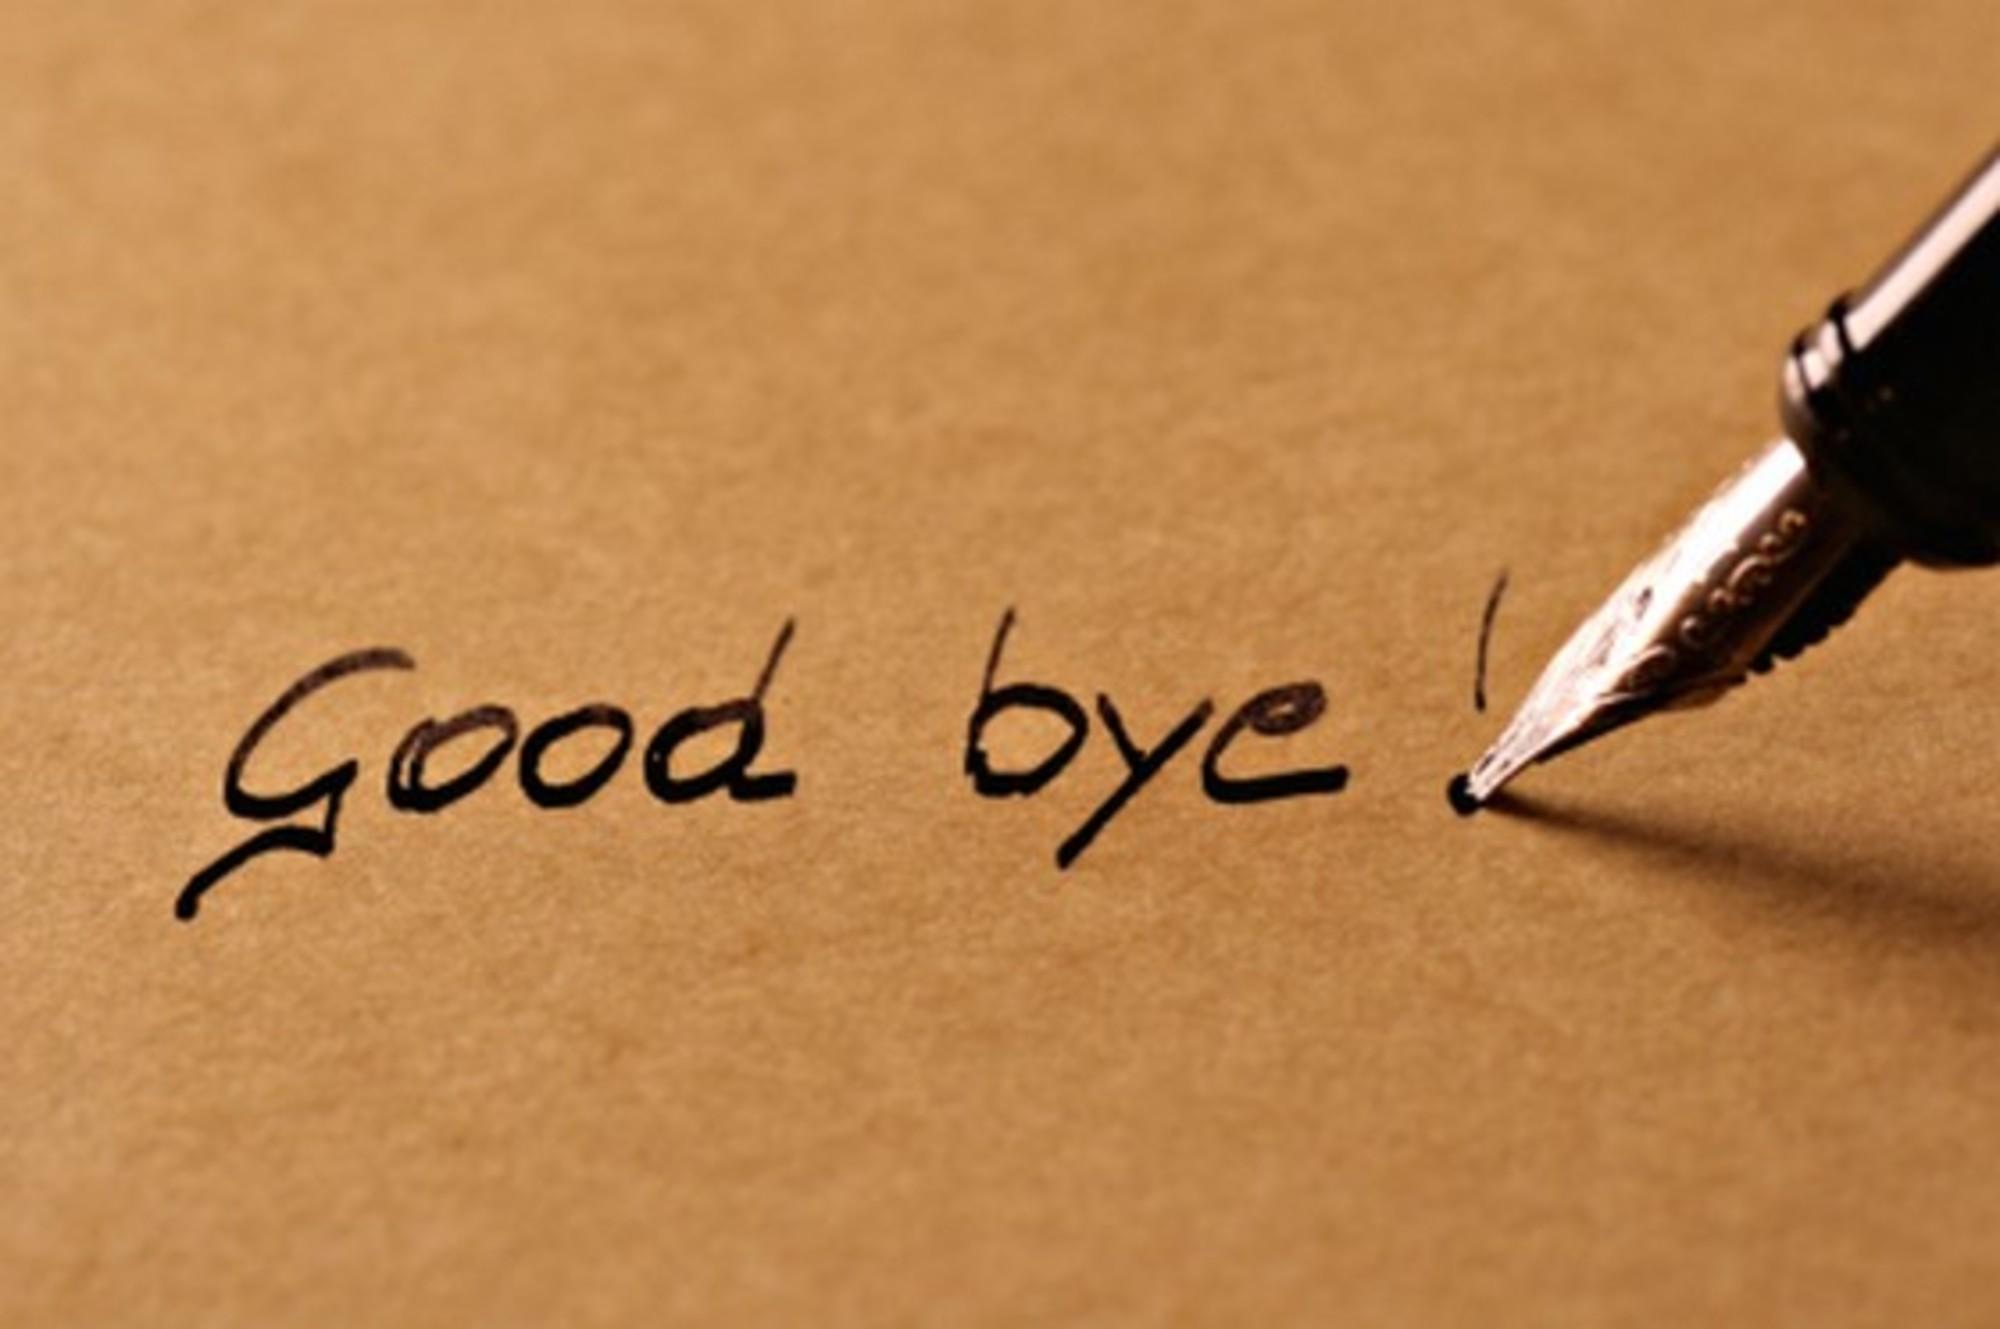 картинки прощания на английскому